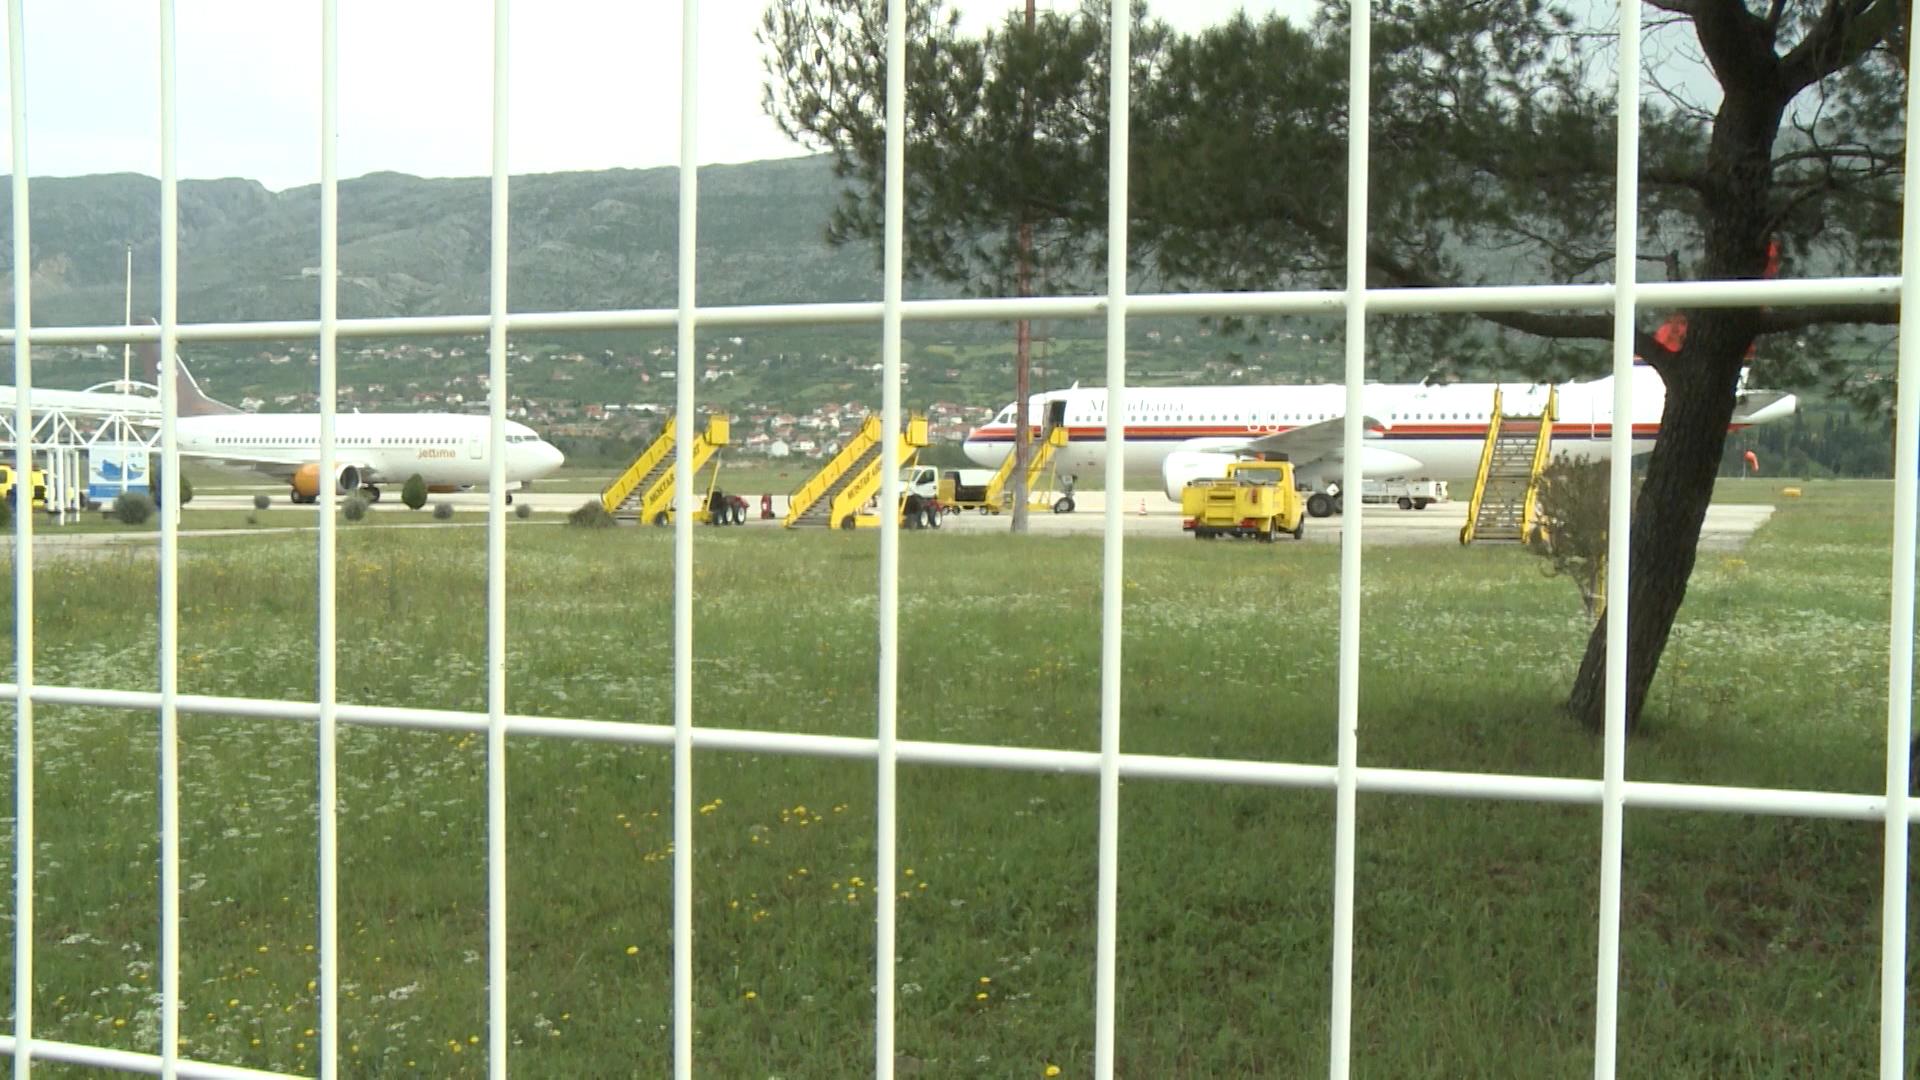 Ekspanzija avio saobraćaja u BiH, a sigurnost upitna